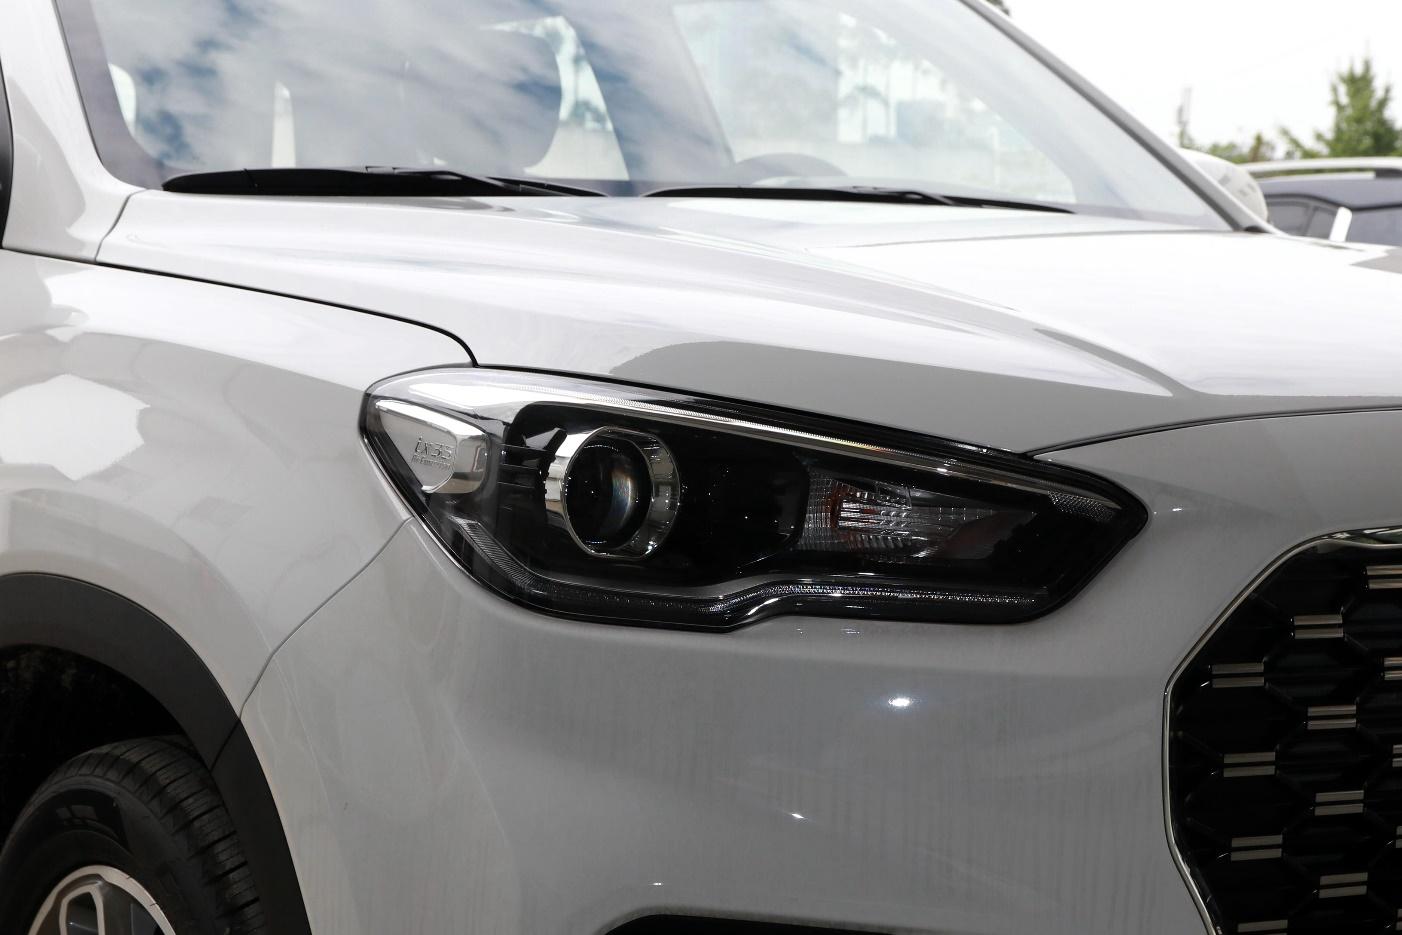 起售不到12万的合资SUV!新款现代ix35值不值得买?